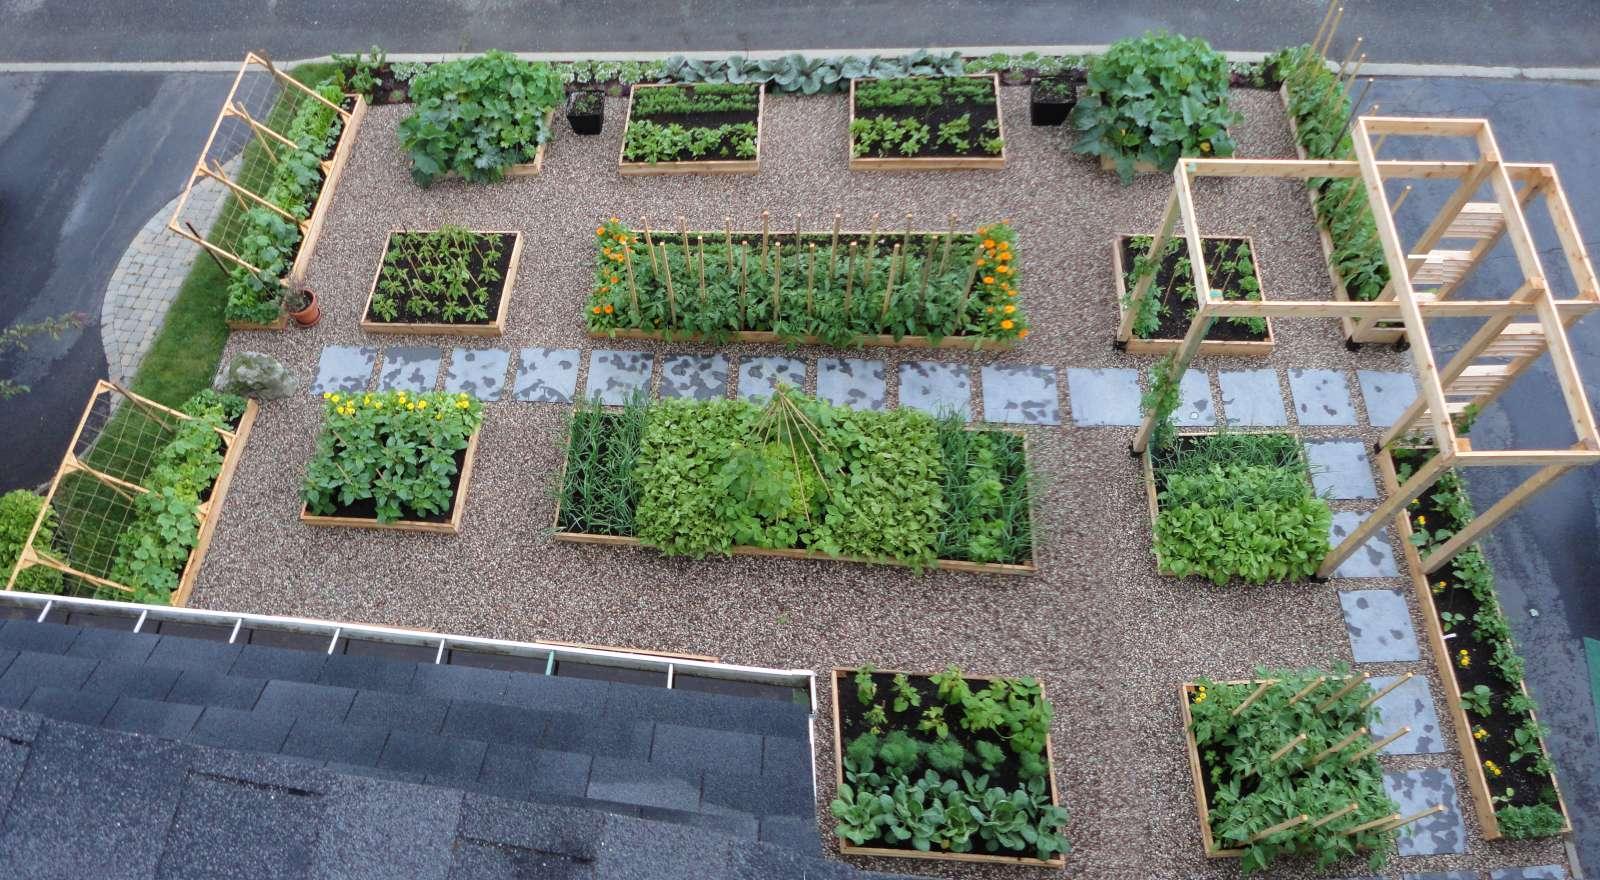 le potager urbain nos premiers contacts avec le monde de l 39 agriculture urbaine. Black Bedroom Furniture Sets. Home Design Ideas